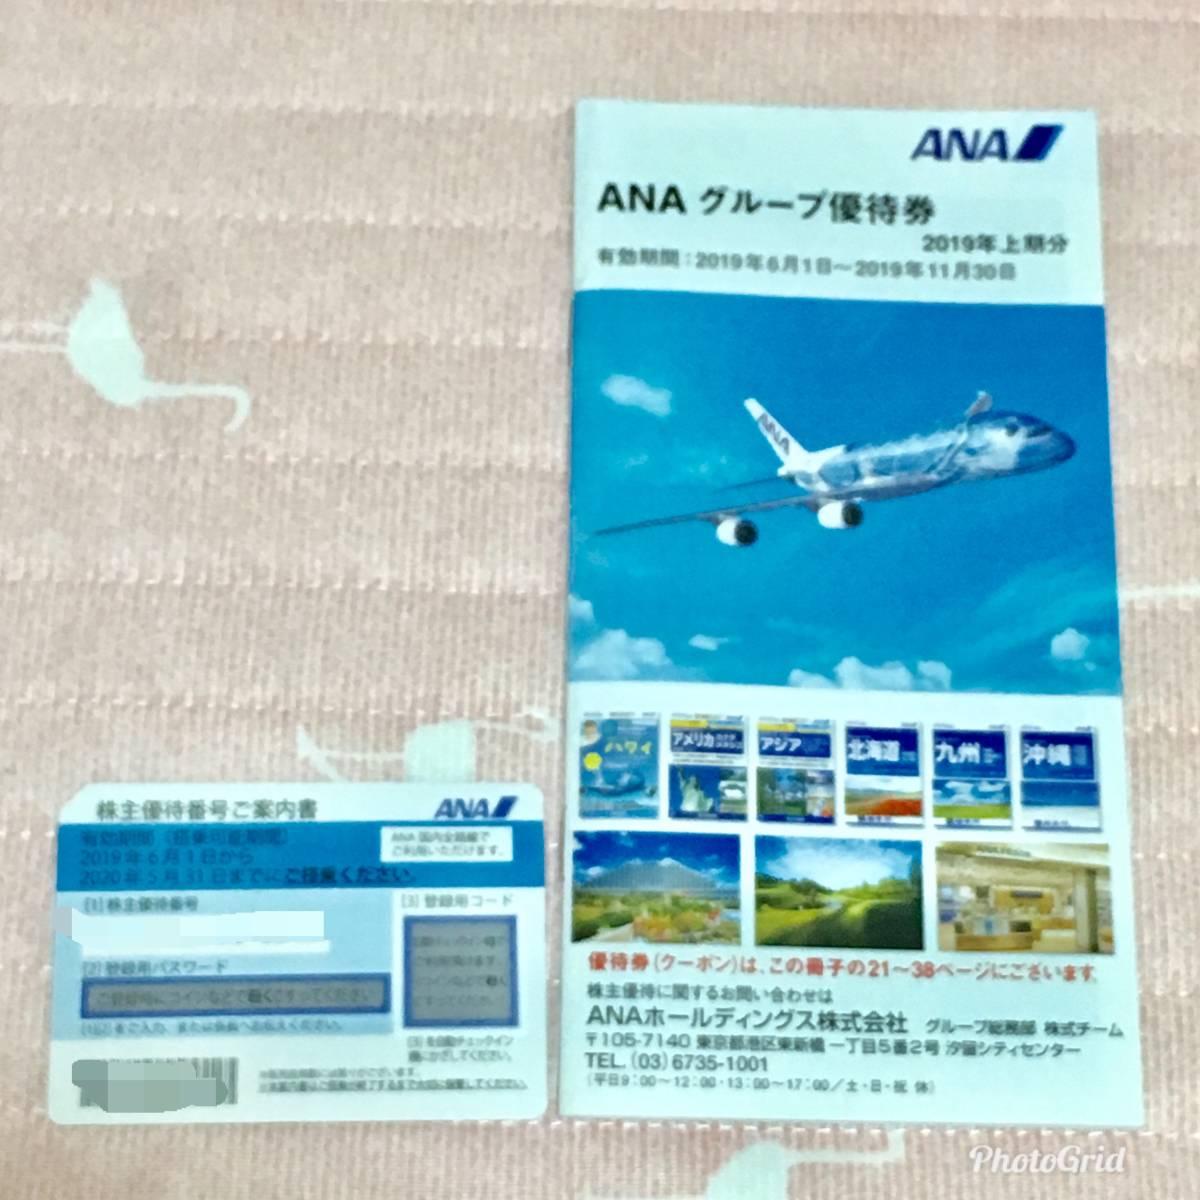 ANA 株主優待券1枚・ANA グループ優待券1冊